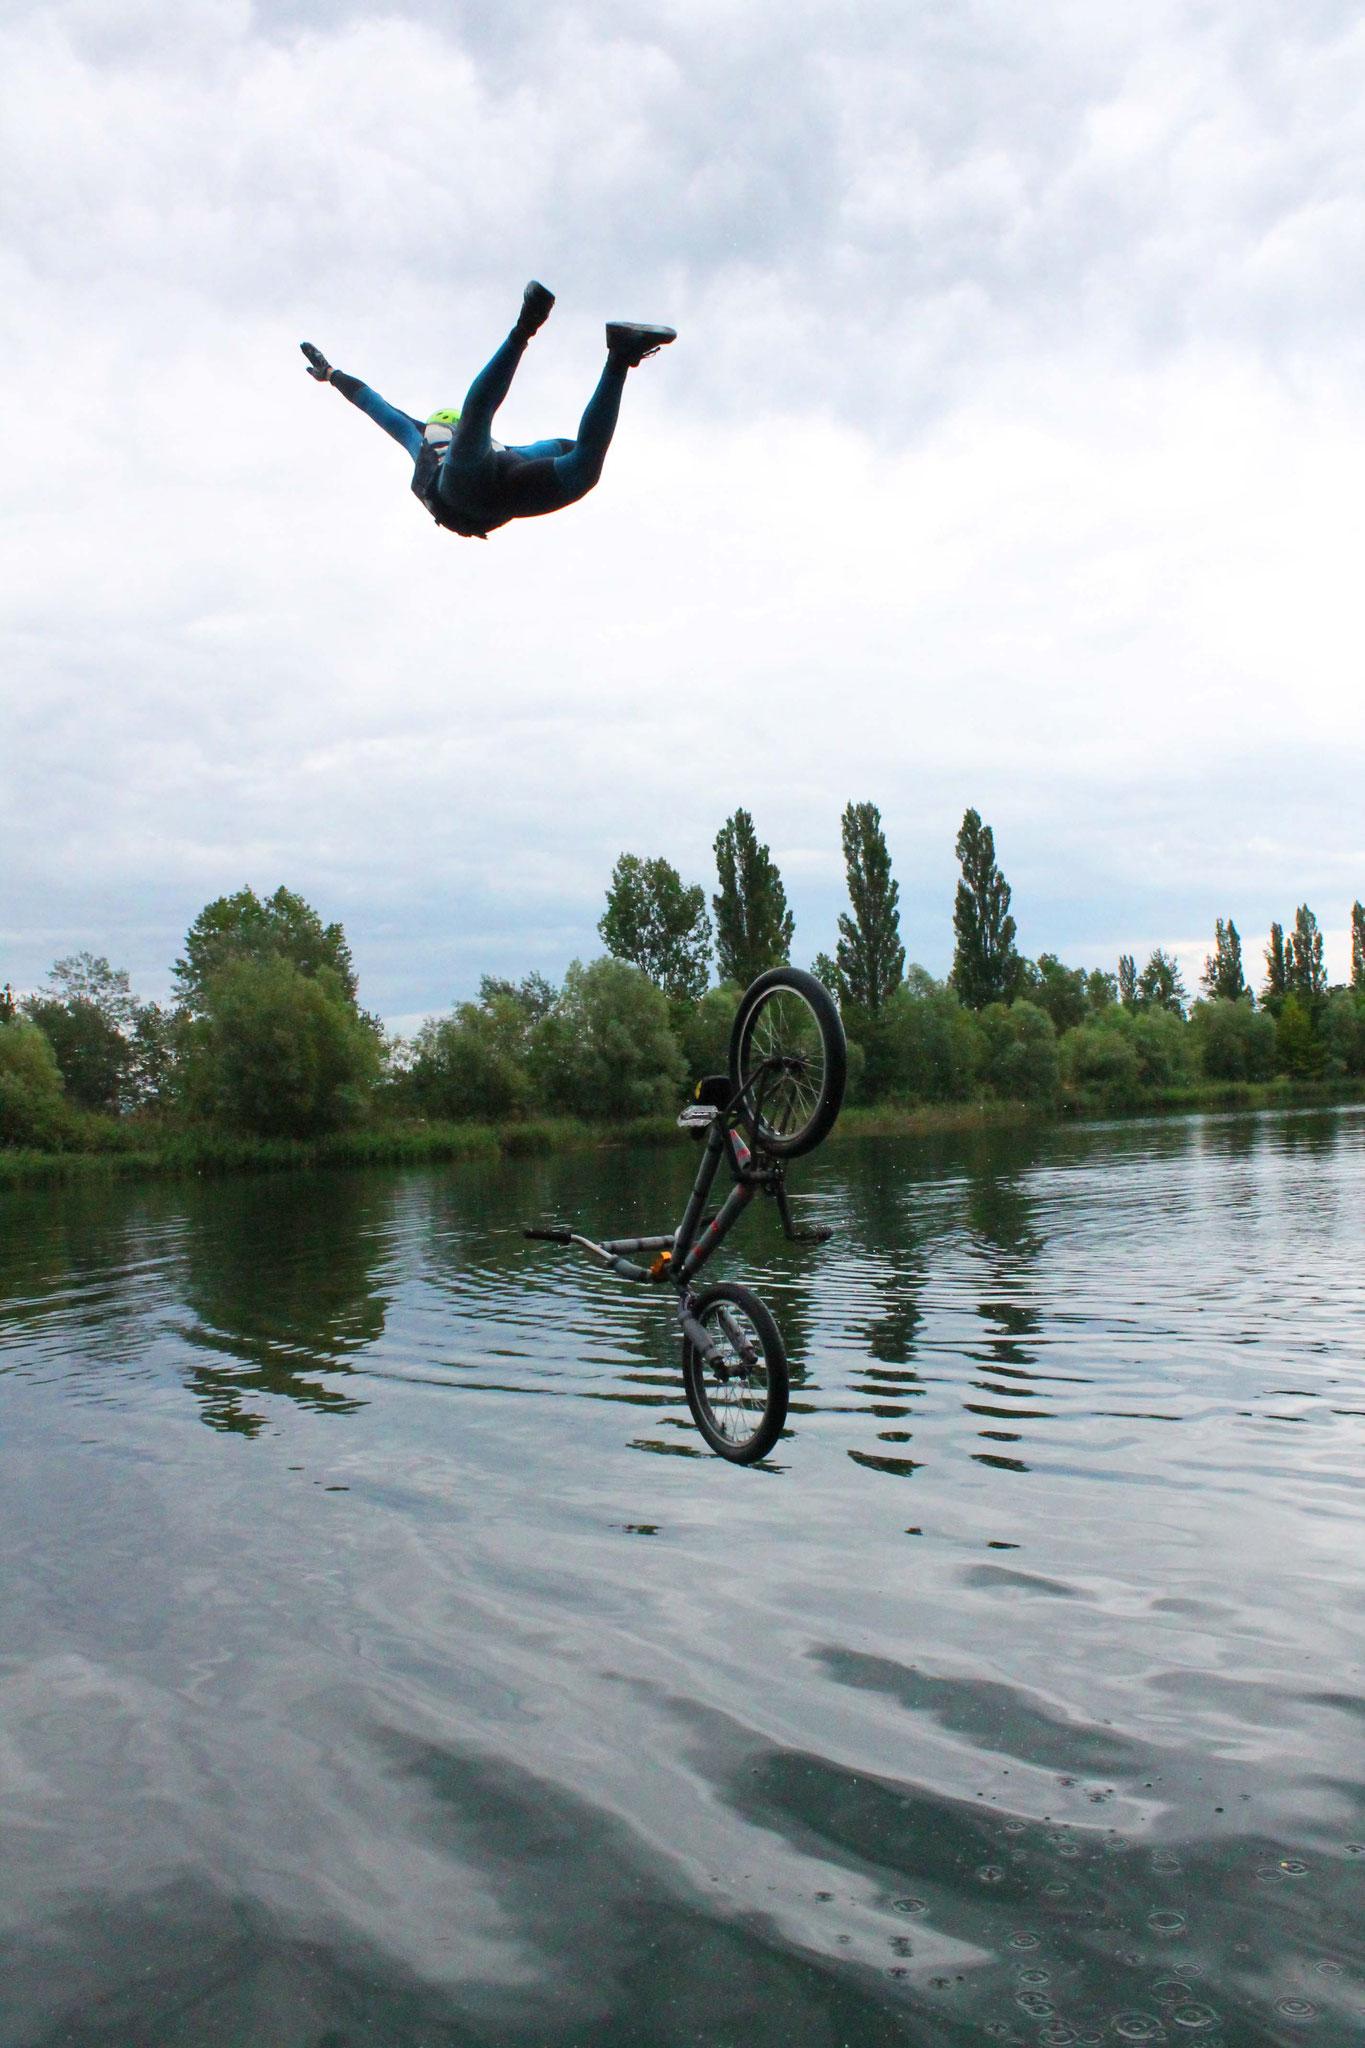 Wassersprungwettbewerb